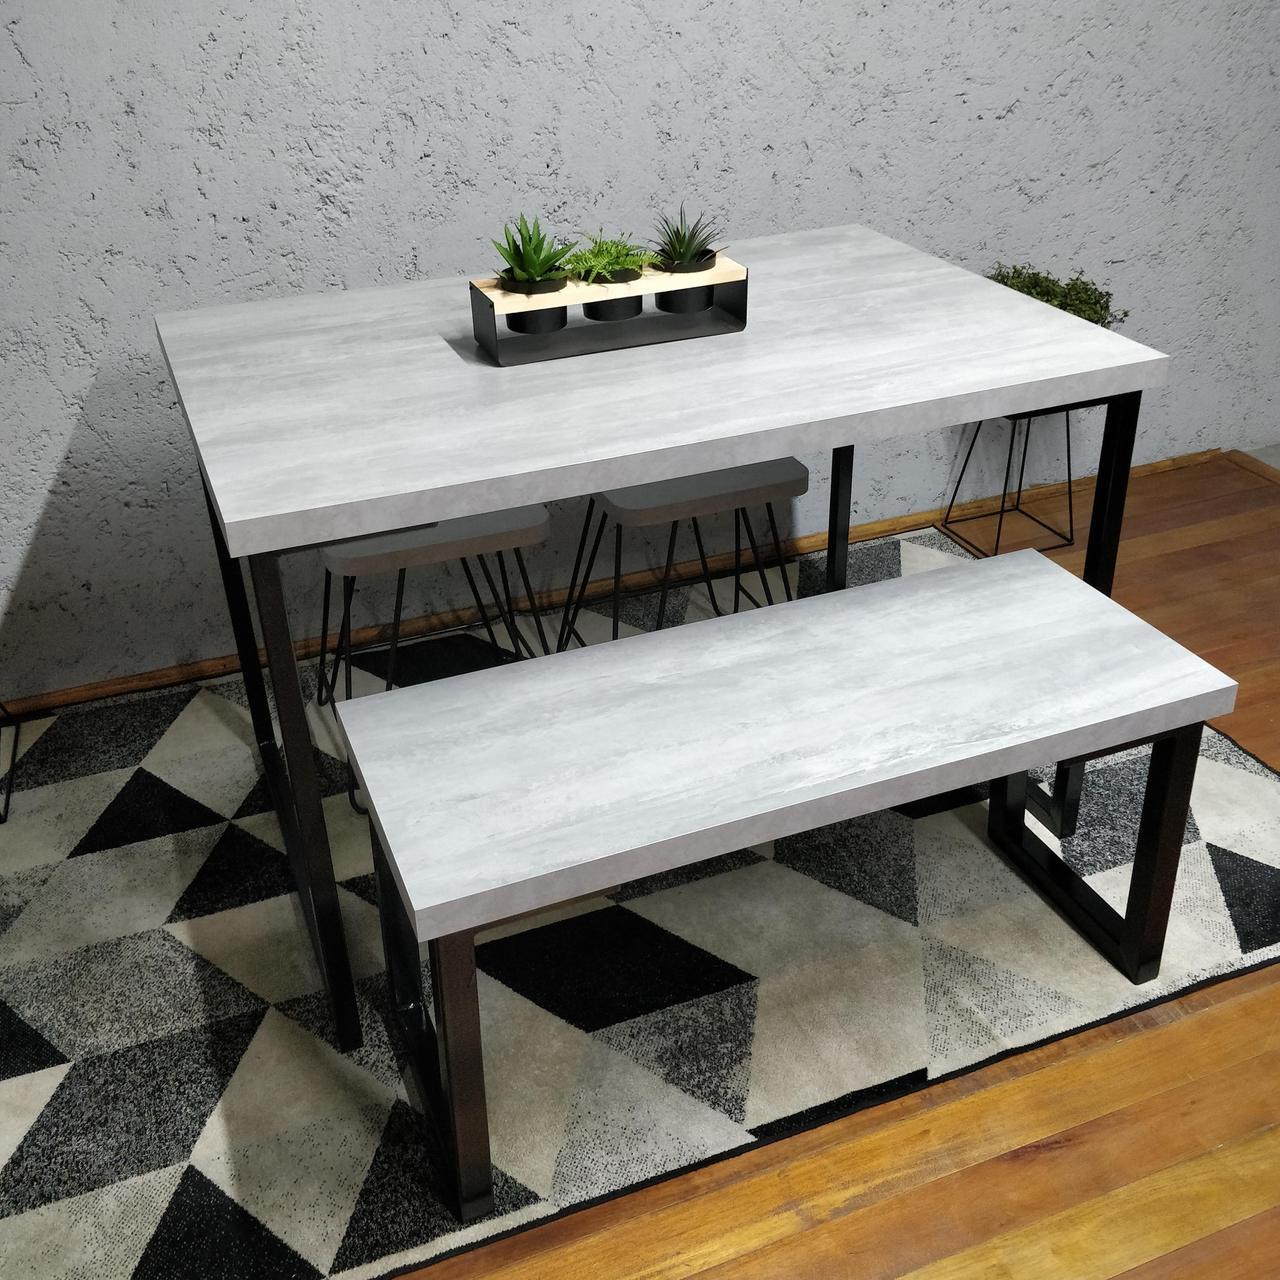 Conjunto Mesa Jantar com Banco e Banquinhos Santorini com Squared Legs e Tampo 100% MDF  - Mtne Store